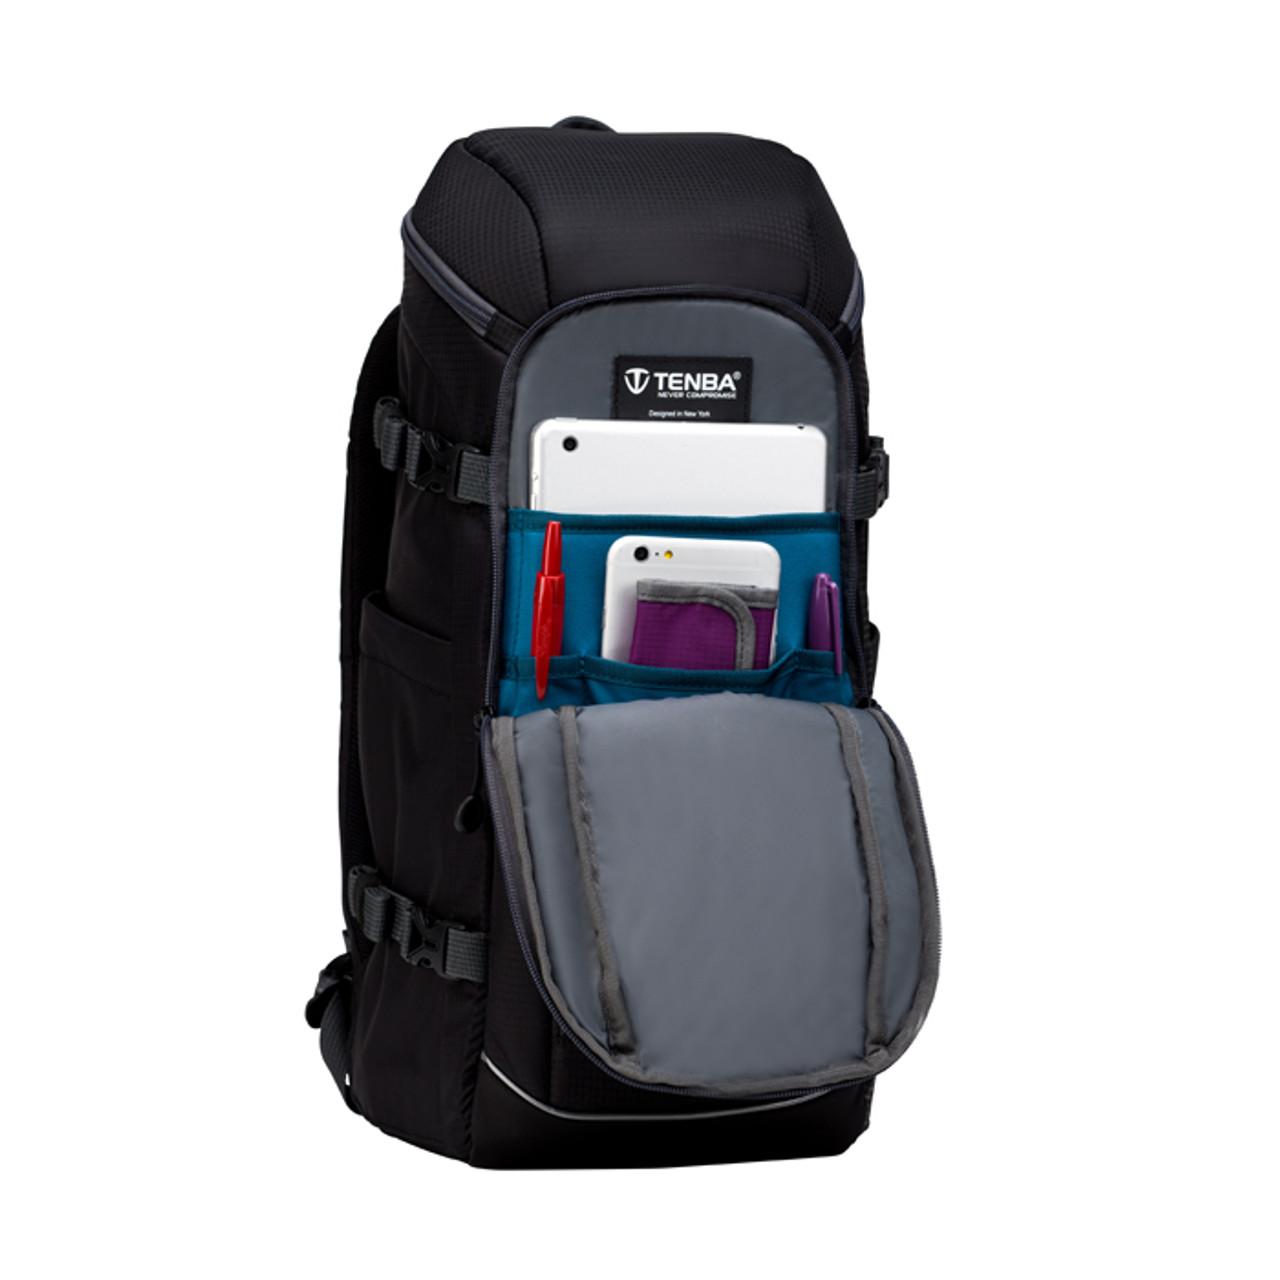 Tenba Solstice Backpack 12L Black